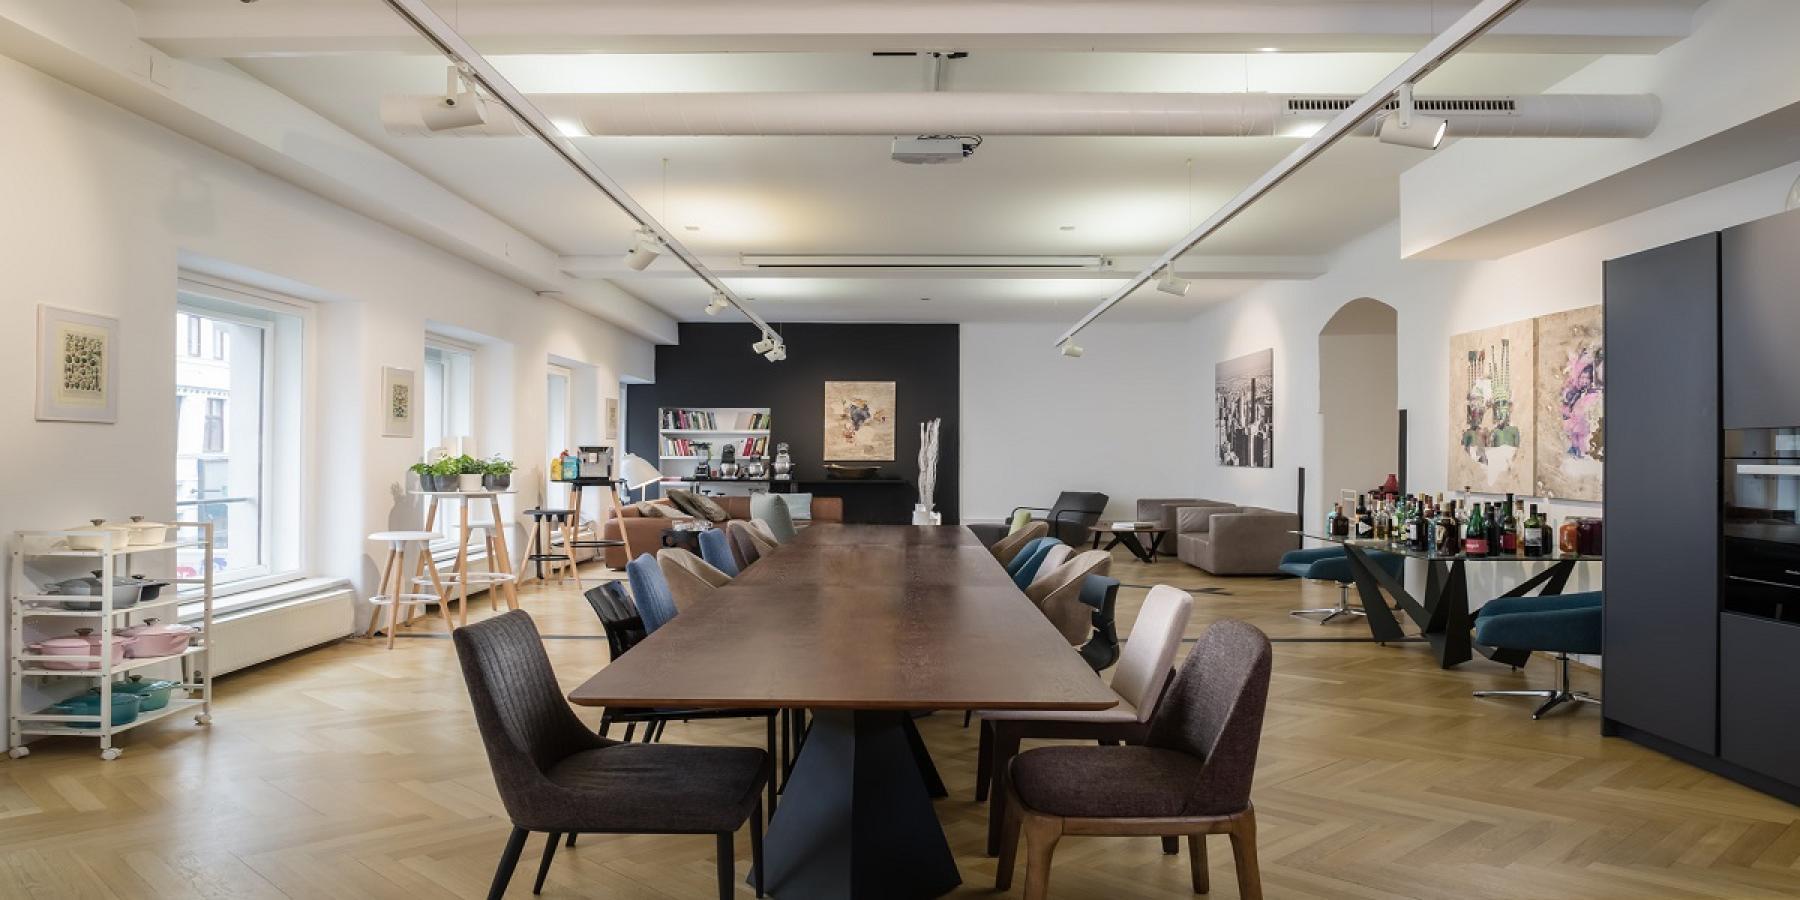 Büro mieten Wipplingerstraße 15, Wien (6)